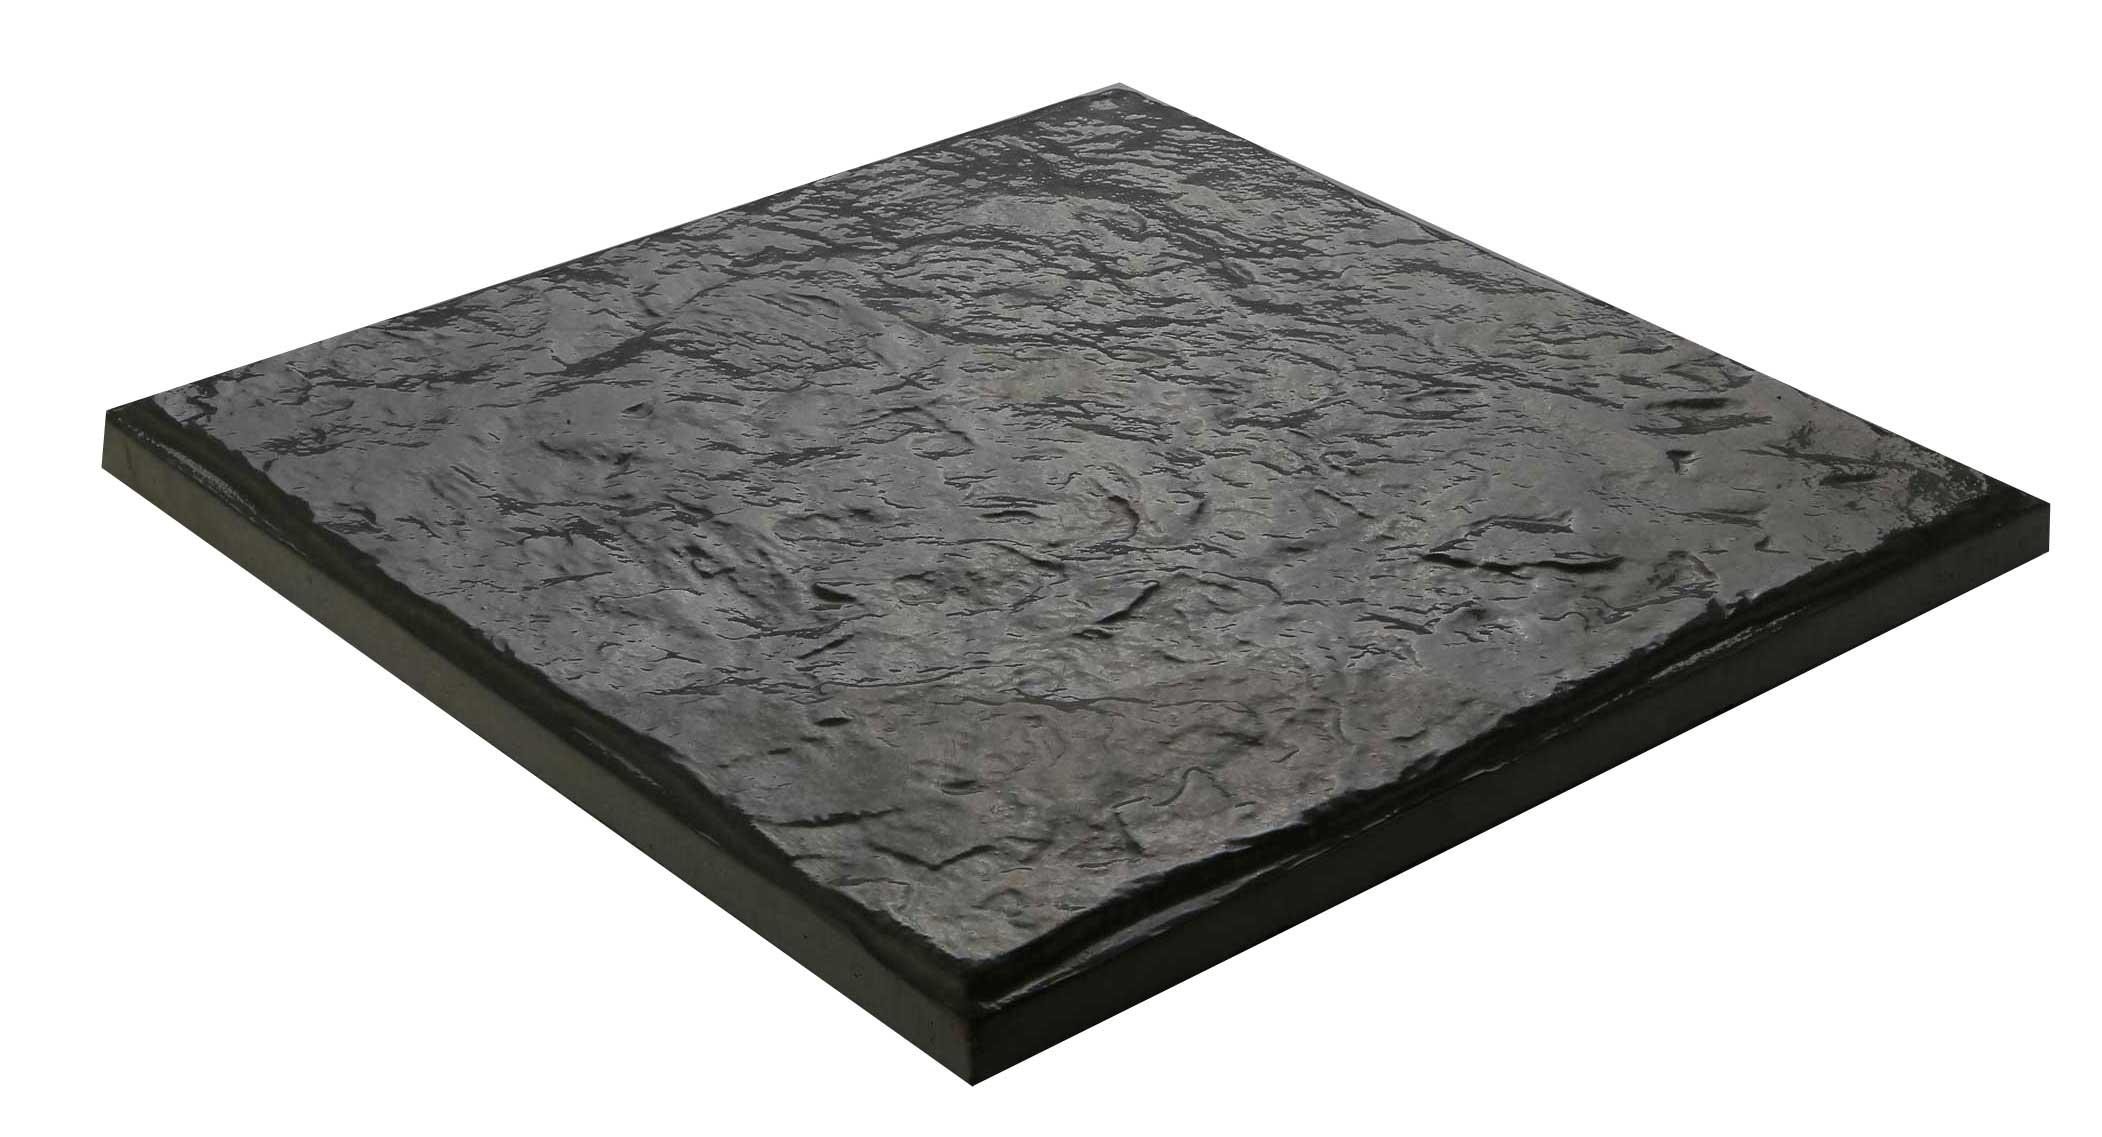 سنگ های بادبر ۴۰x۶۰- سنگ فرش